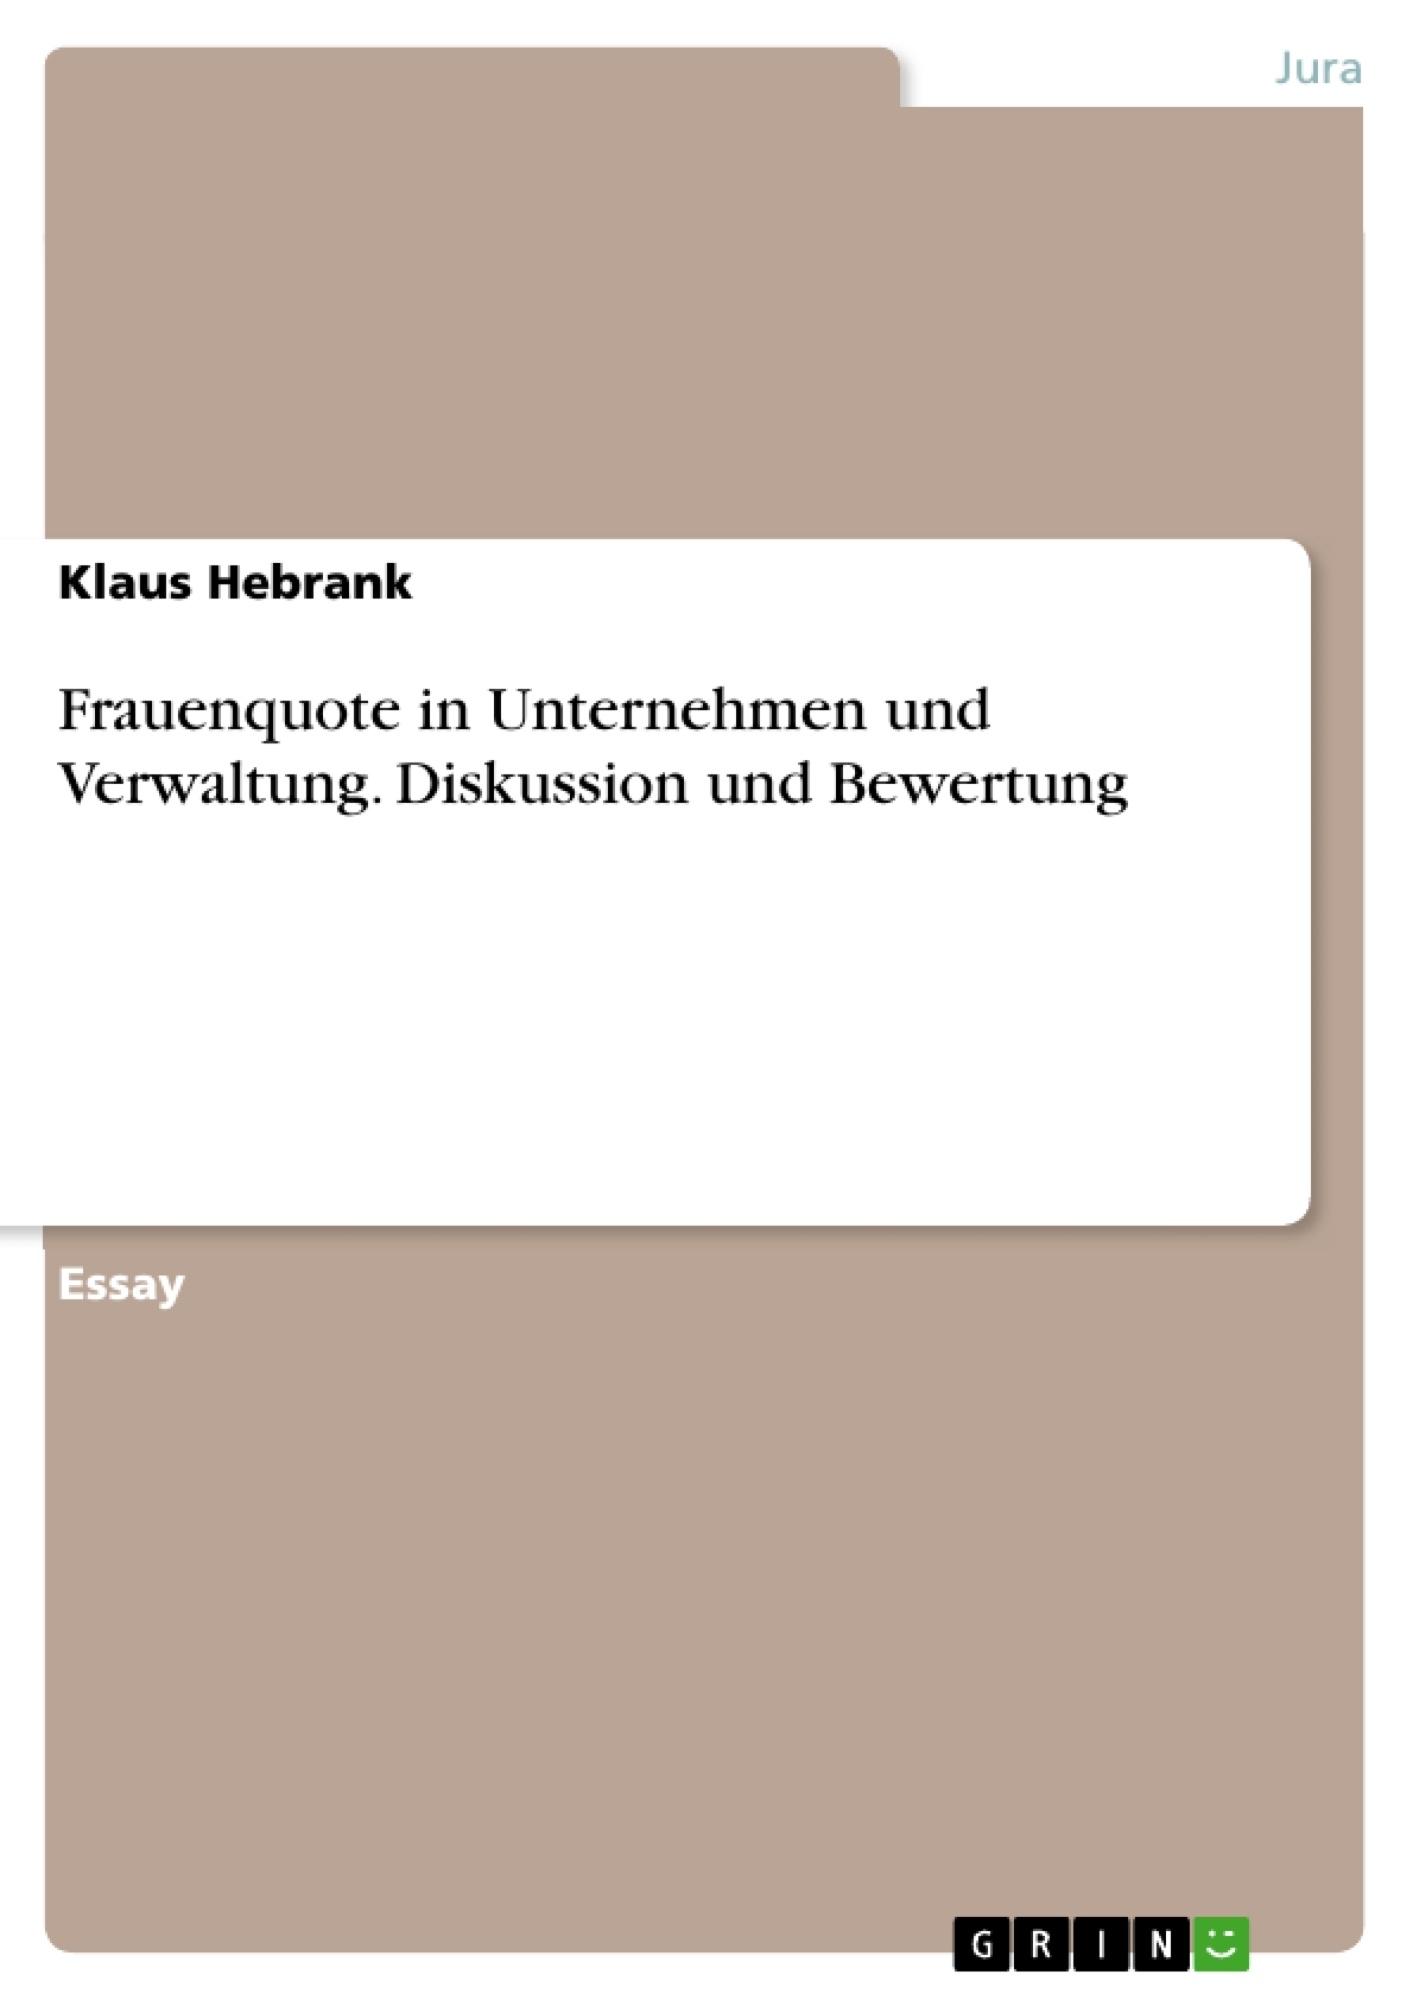 Titel: Frauenquote in Unternehmen und Verwaltung. Diskussion und Bewertung